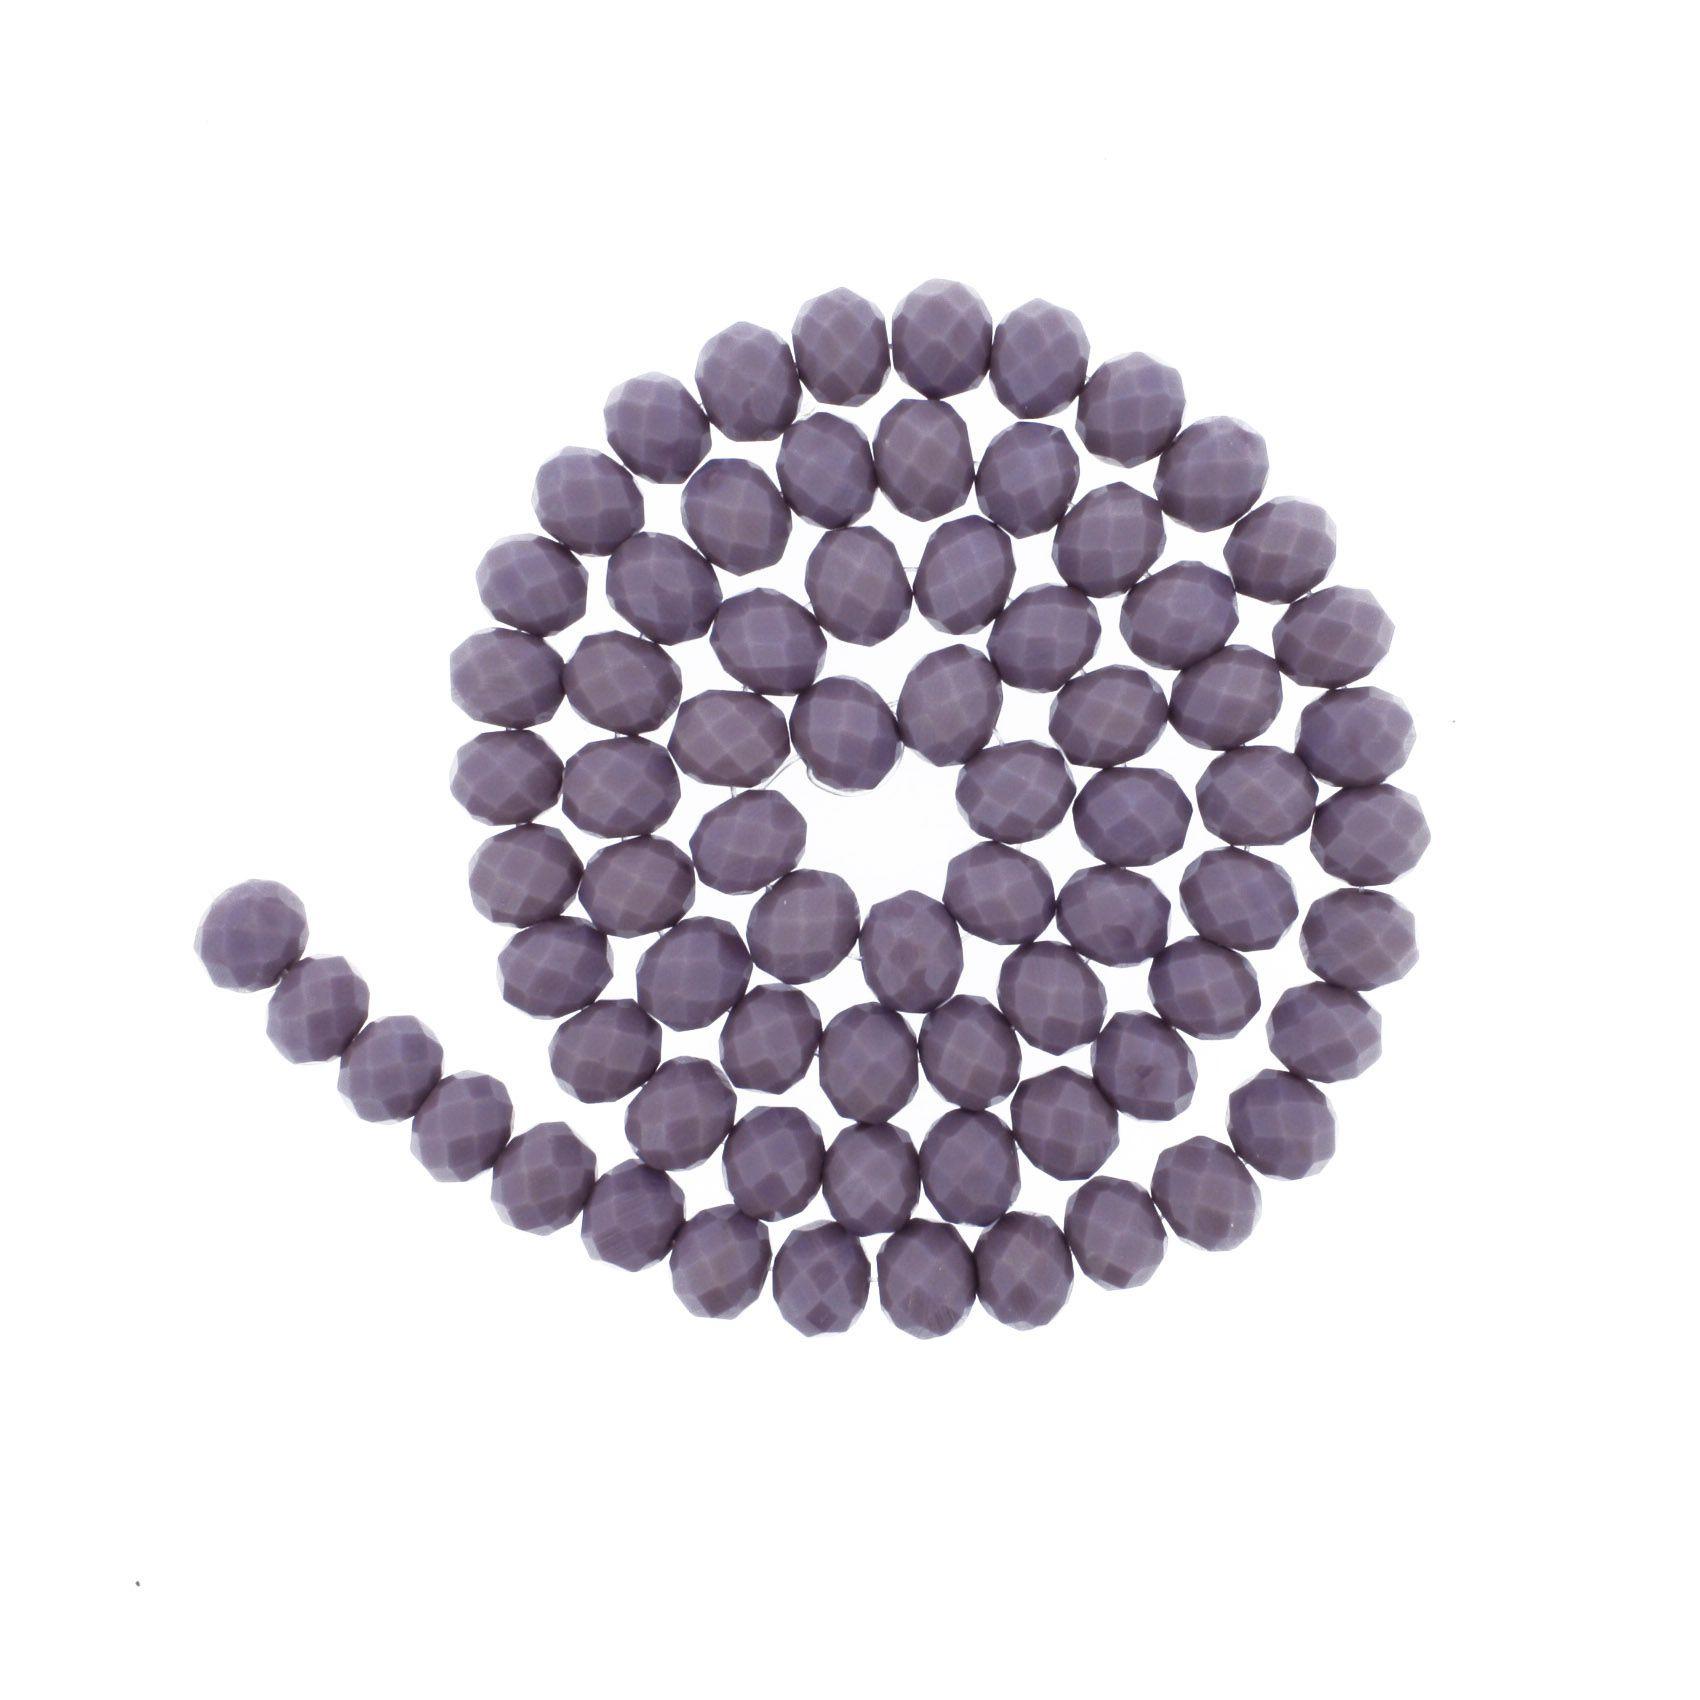 Fio de Cristal - Piatto® - Lilás - 10mm  - Universo Religioso® - Artigos de Umbanda e Candomblé